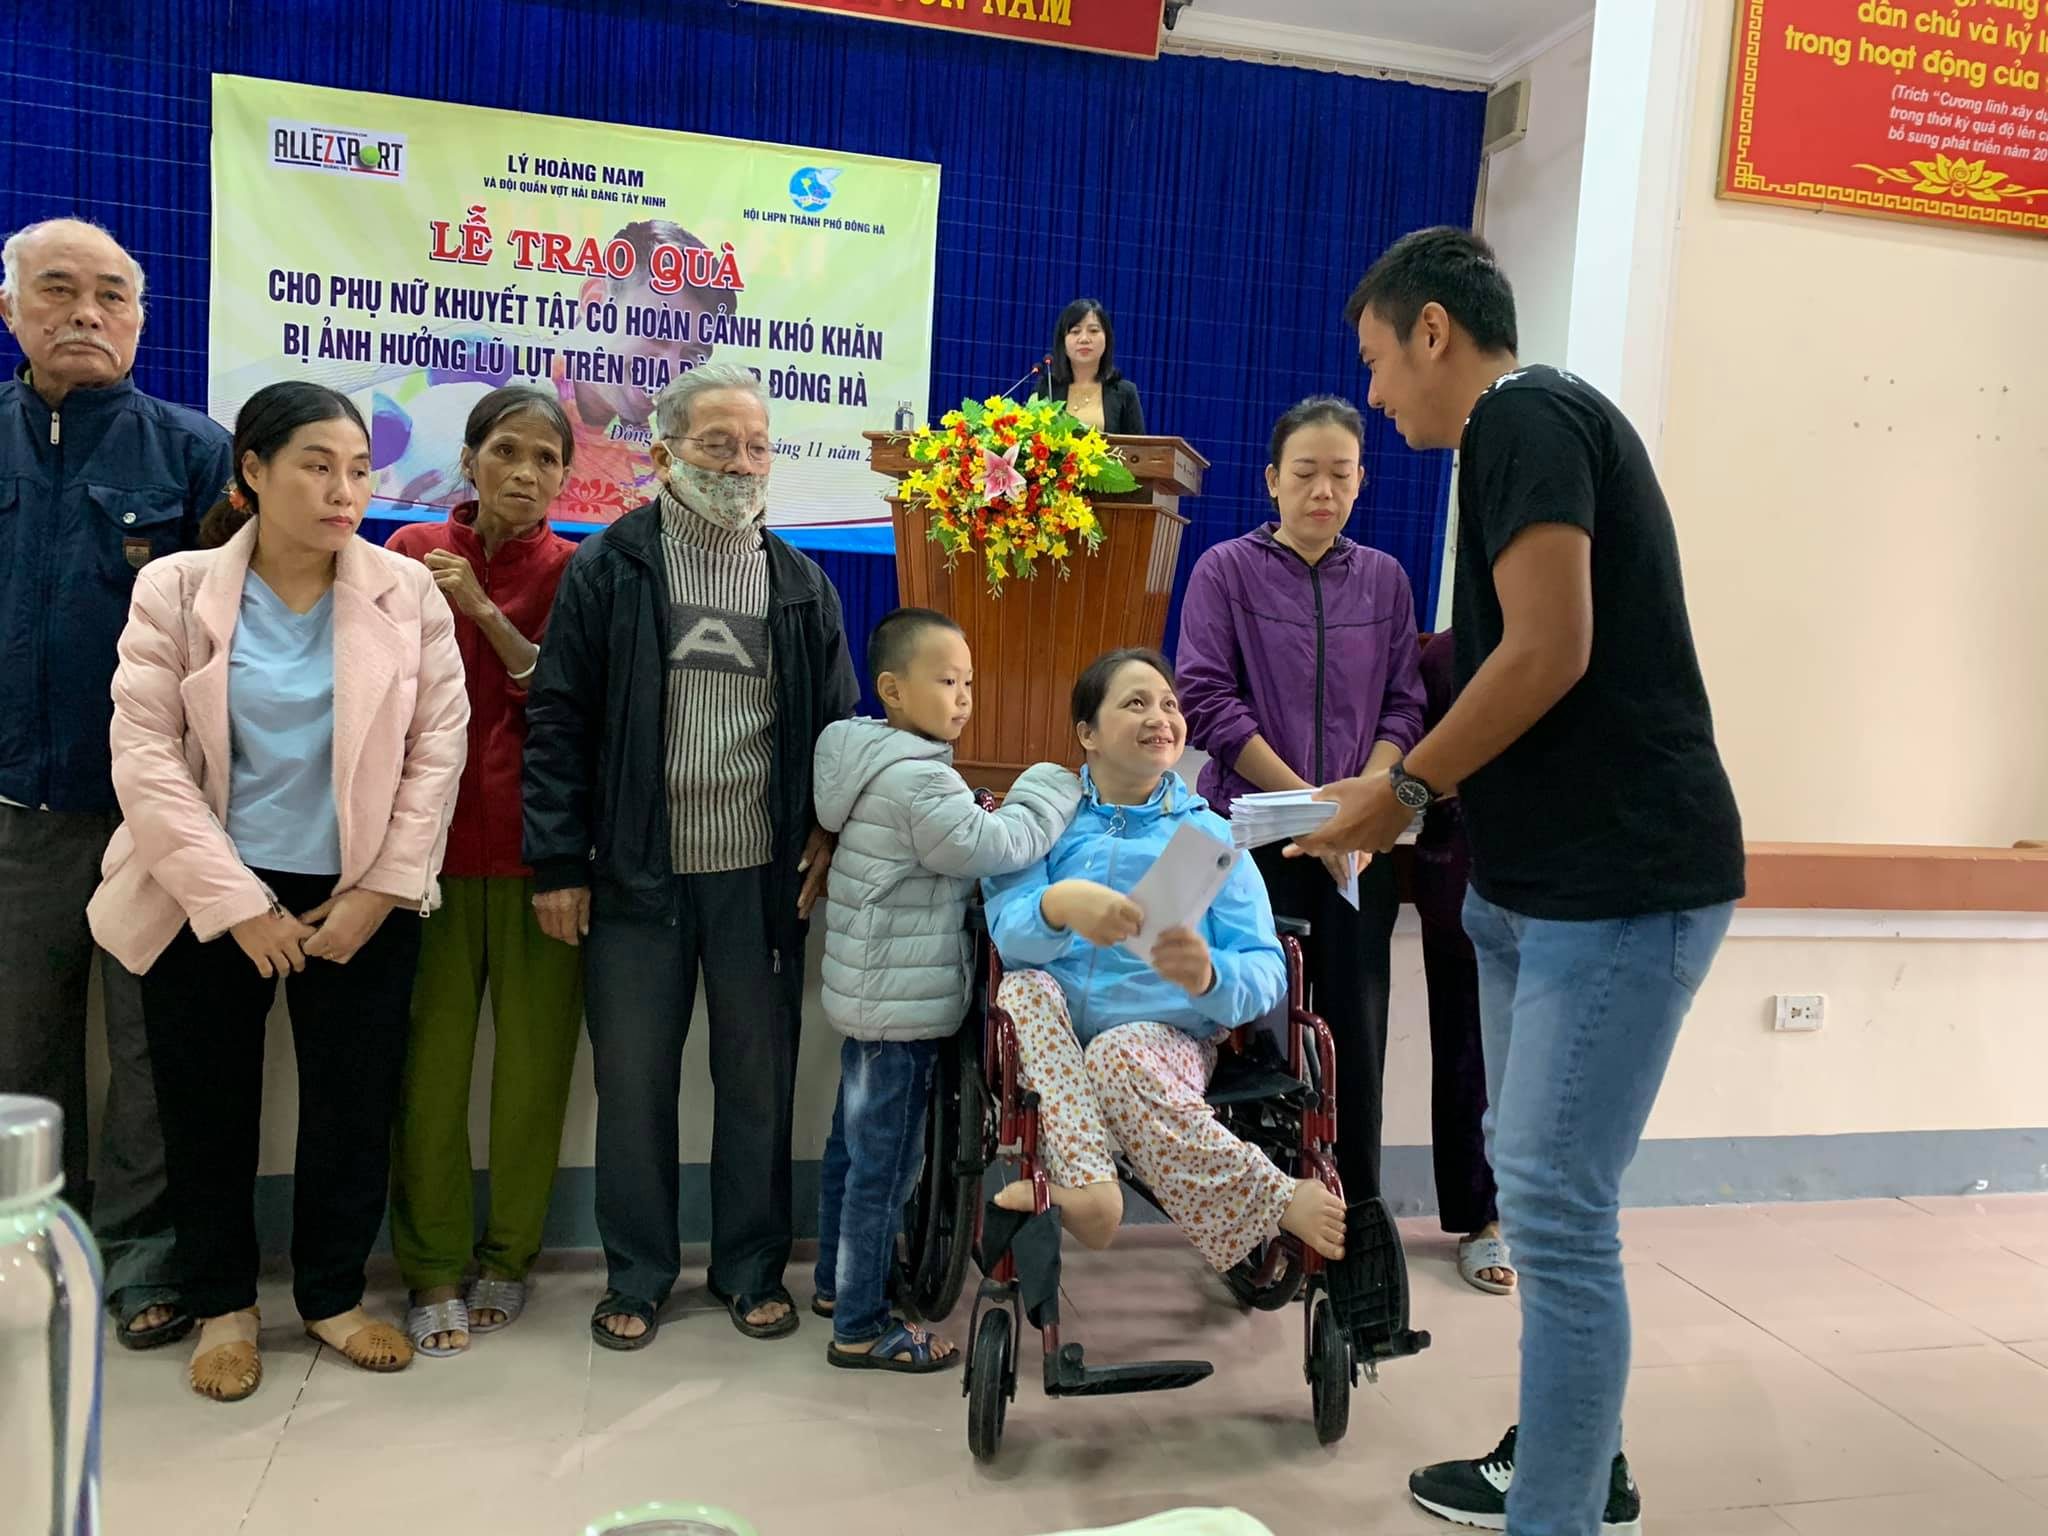 Hình ảnh: Tay vợt Lý Hoàng Nam tặng quà cho người dân Quảng Bình, Quảng Trị số 5